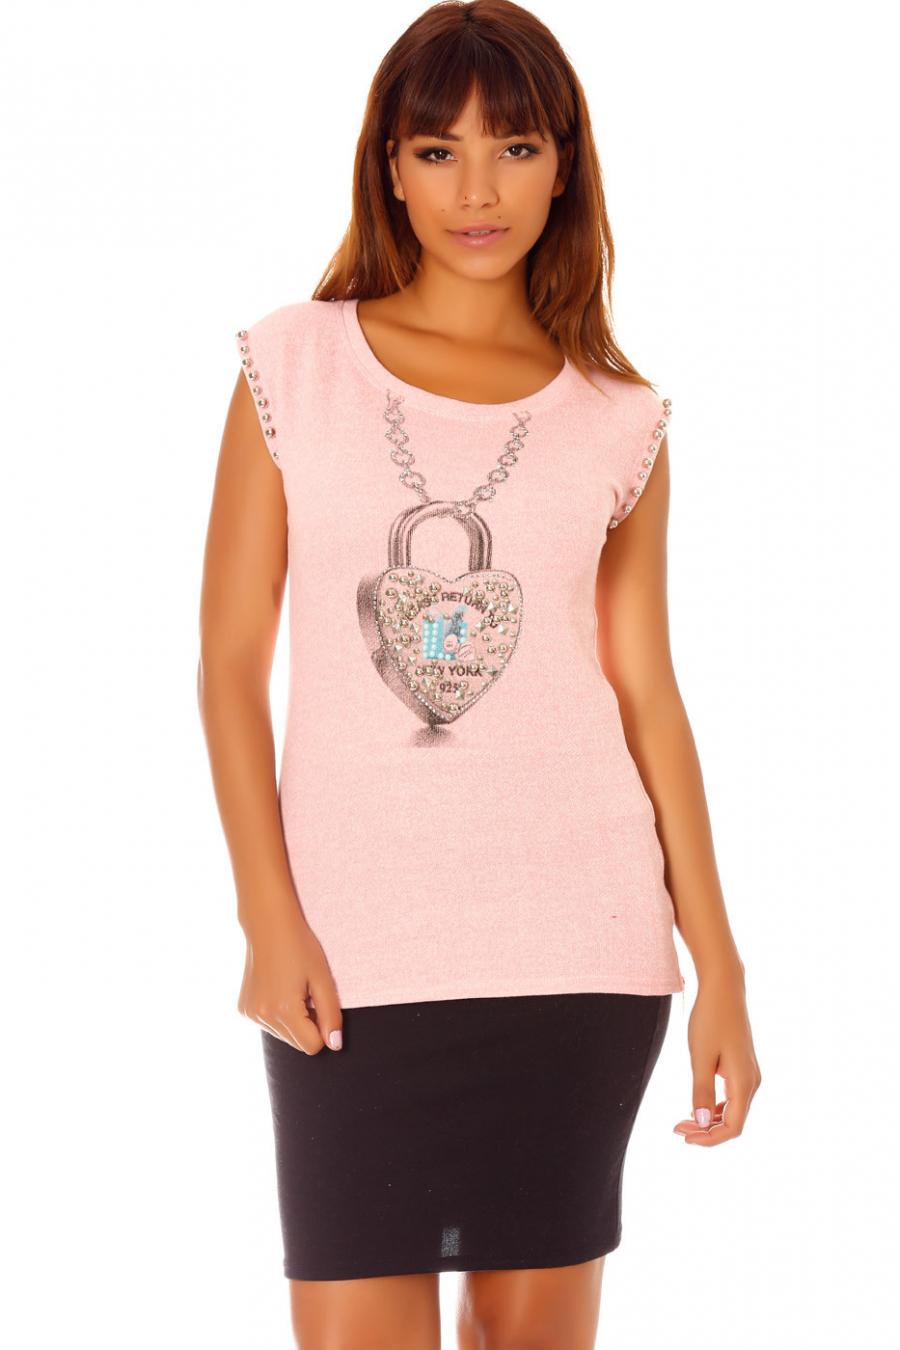 Tee-shirt rose col rond à motif coeur avec strass et perles aux manches. G-5015